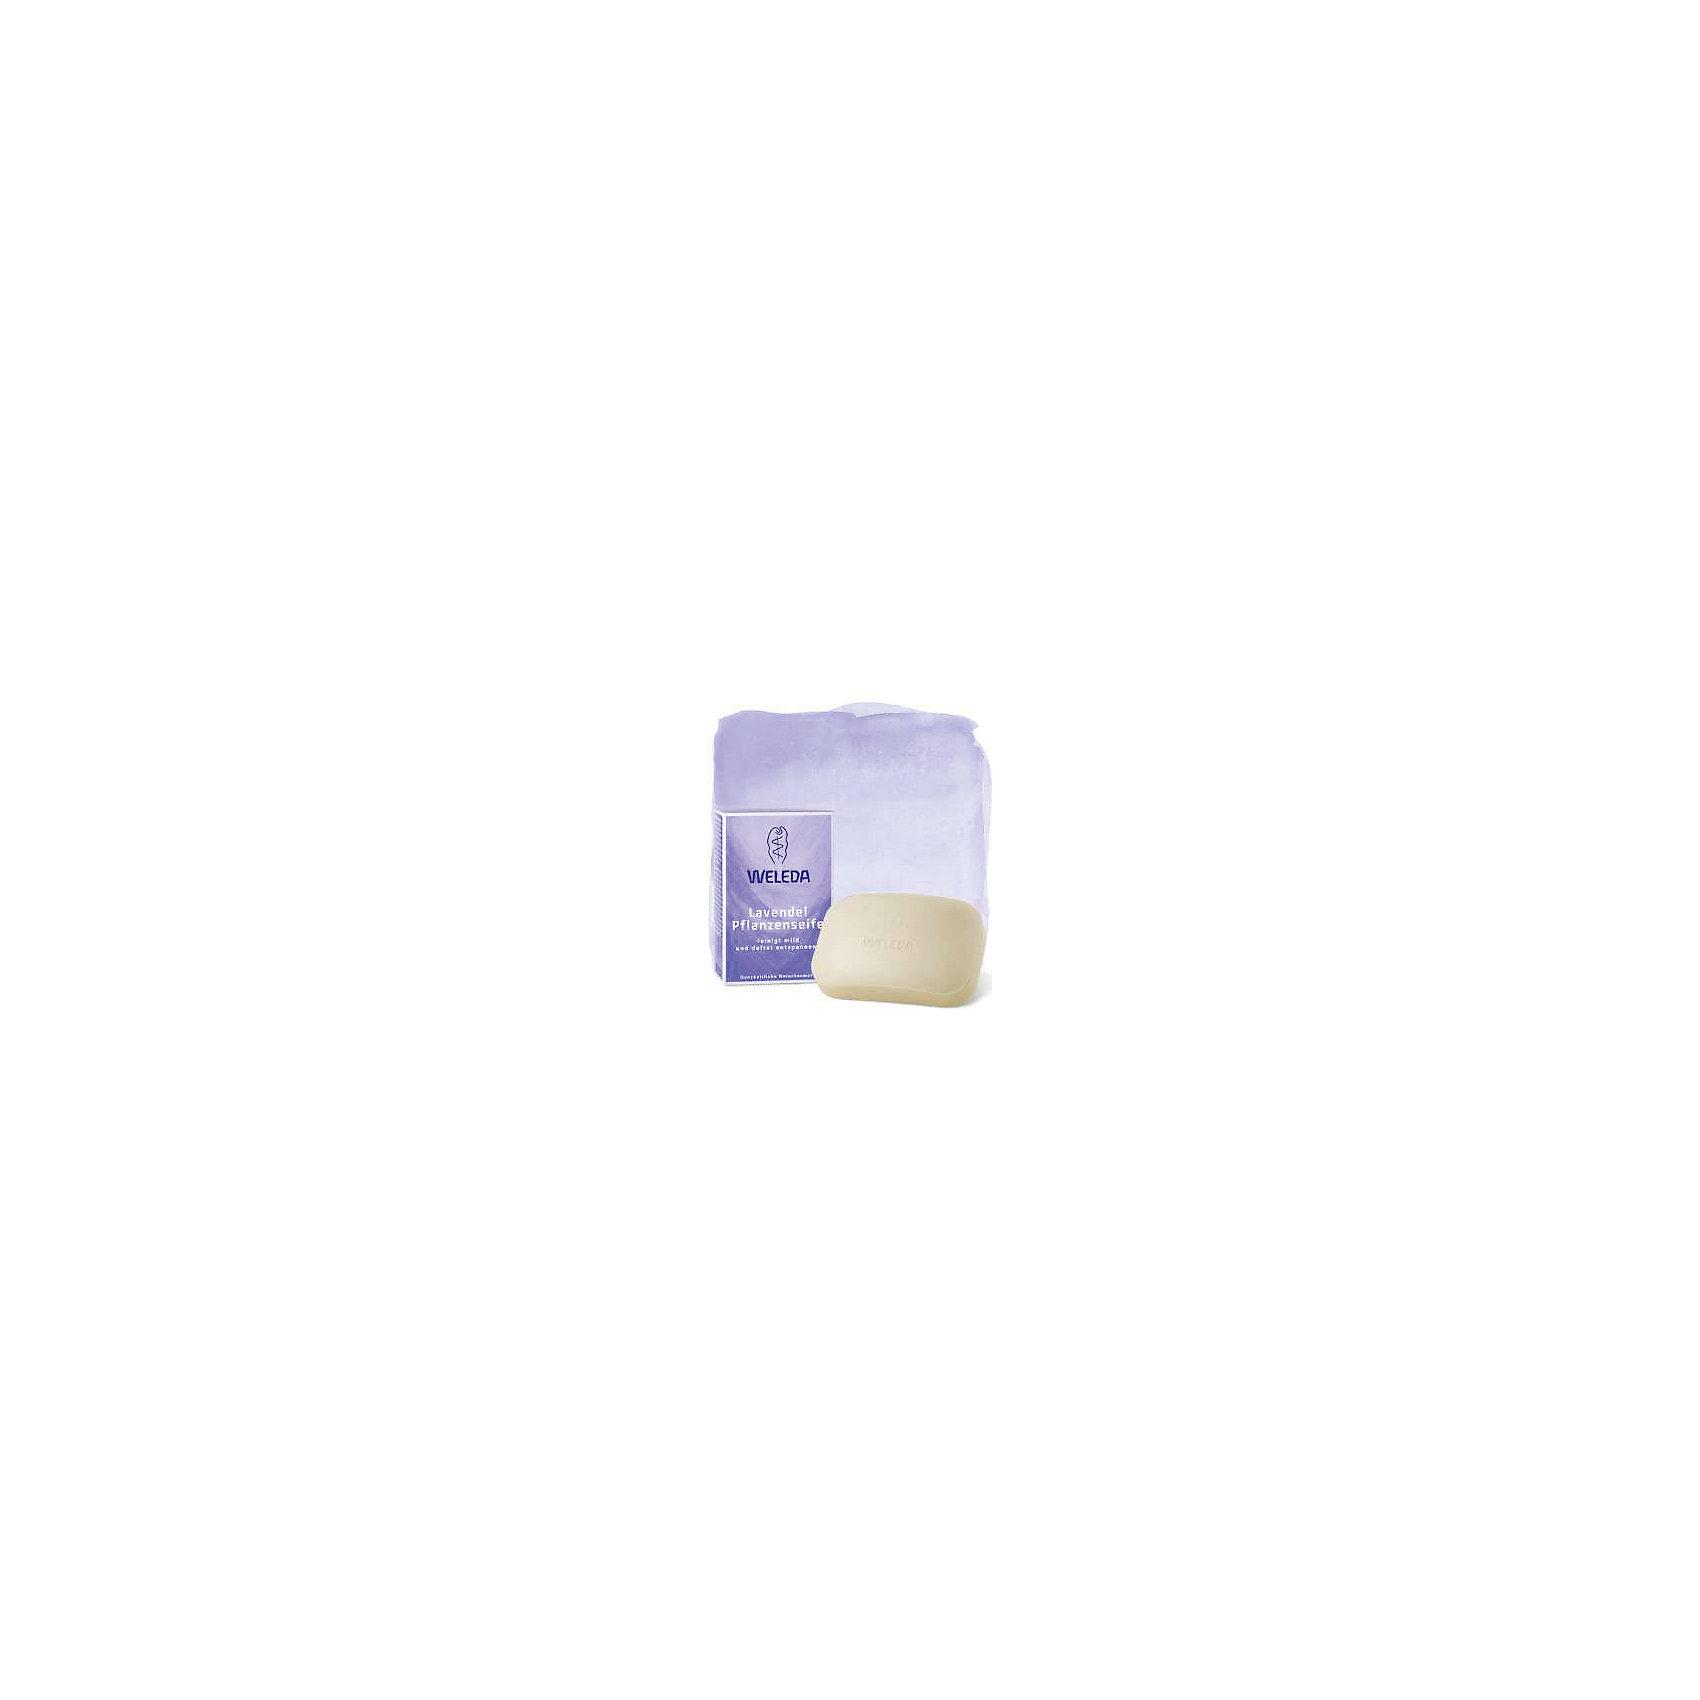 Мыло лавандовое растительное, 100гр., WeledaХарактеристики:<br><br>• Тип средства: мыло <br>• Предназначение: для ухода за кожей, для вечернего умывания<br>• Пол: универсальный<br>• Объем: 100 гр<br>• Подходит для чувствительной кожи<br>• Форма выпуска: твердое<br>• Состав: вода, глицерин, экстракт лаванды, ириса, ромашки, фиалки трехцветной, вытяжки из натуральных масел и др.<br>• Упаковка: картонная коробка<br>• Размер упаковка: 3*2,5*2 см<br>• Вес в упаковке: 180 г<br>• Средство имеет сертификаты Natrue, Vegan<br>• Особенности хранения: хранить в прохладном темном месте <br><br>Мыло лавандовое растительное, 100 гр., Weleda разработано немецким производителем косметических и гигиенических средств натурального происхождения. Средство состоит из натуральных компонентов, которые выращены под контролем качества компании-производителя. Микроэлементы получены по инновационной технологии, которая обеспечивает сохранение полезных свойств натуральных эфирных масел. <br><br>Мыло предназначено для бережного очищения кожи лица и рук. При намыливании образуется нежная и мягкая пена. При применении мыла лавандового растительного, 100 гр., Weleda не появляется чувство стянутости и сухости кожи.<br><br>Мыло лавандовое растительное, 100 гр., Weleda можно купить в нашем интернет-магазине.<br><br>Ширина мм: 30<br>Глубина мм: 25<br>Высота мм: 20<br>Вес г: 100<br>Возраст от месяцев: 216<br>Возраст до месяцев: 1188<br>Пол: Унисекс<br>Возраст: Детский<br>SKU: 5399000